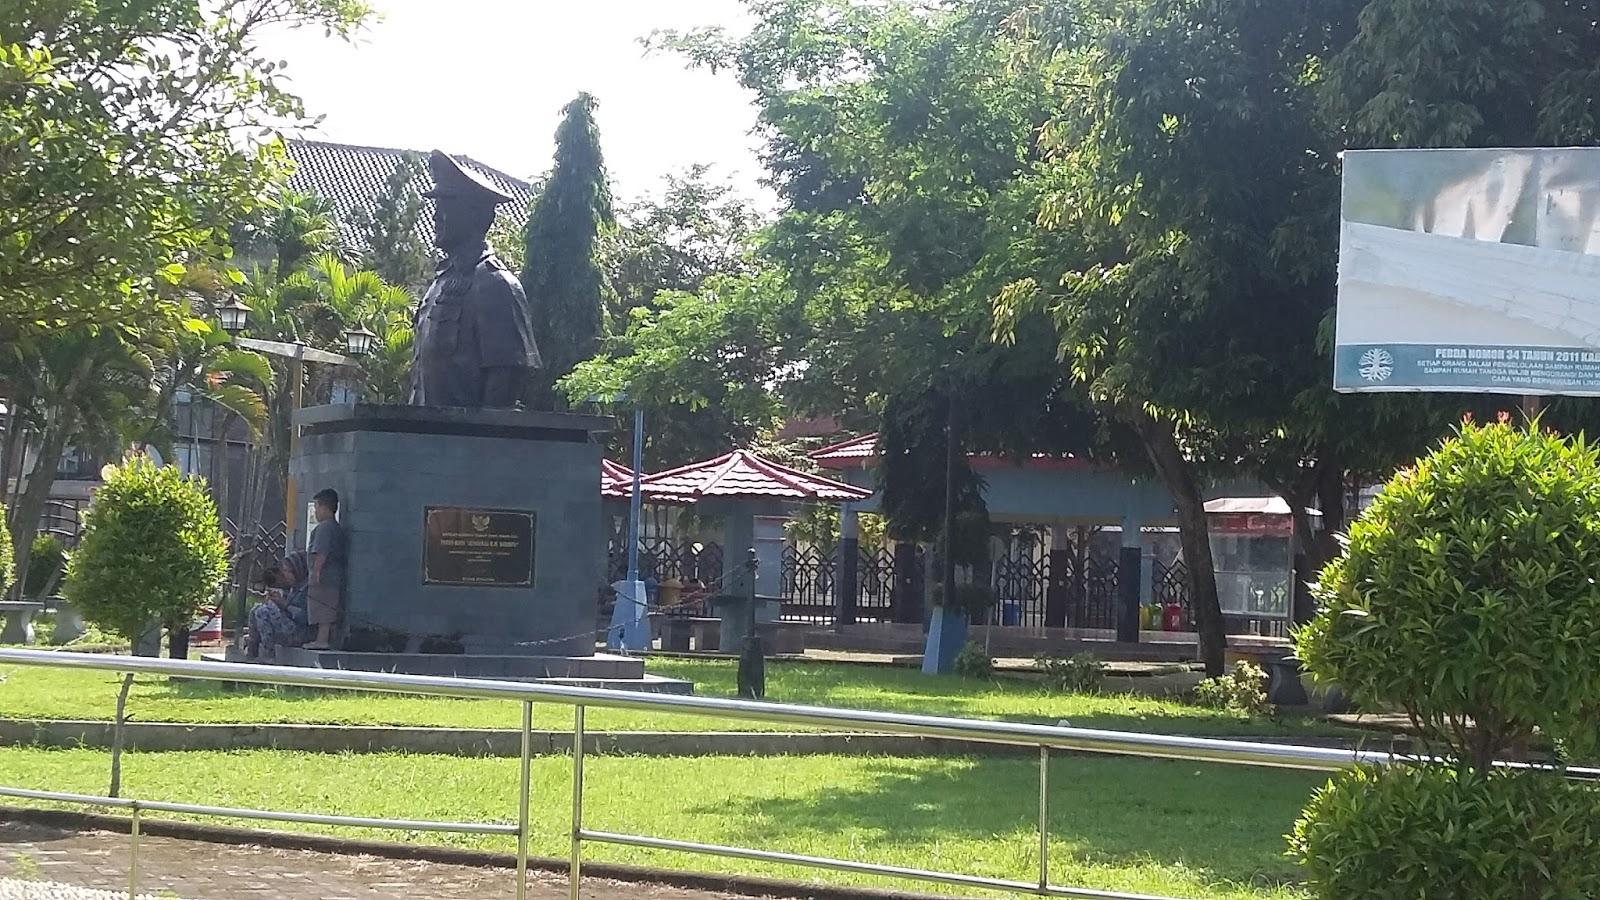 Menikmati Udara Segar Taman Kota Jend Hm Sarbini Travelklik Jenderal